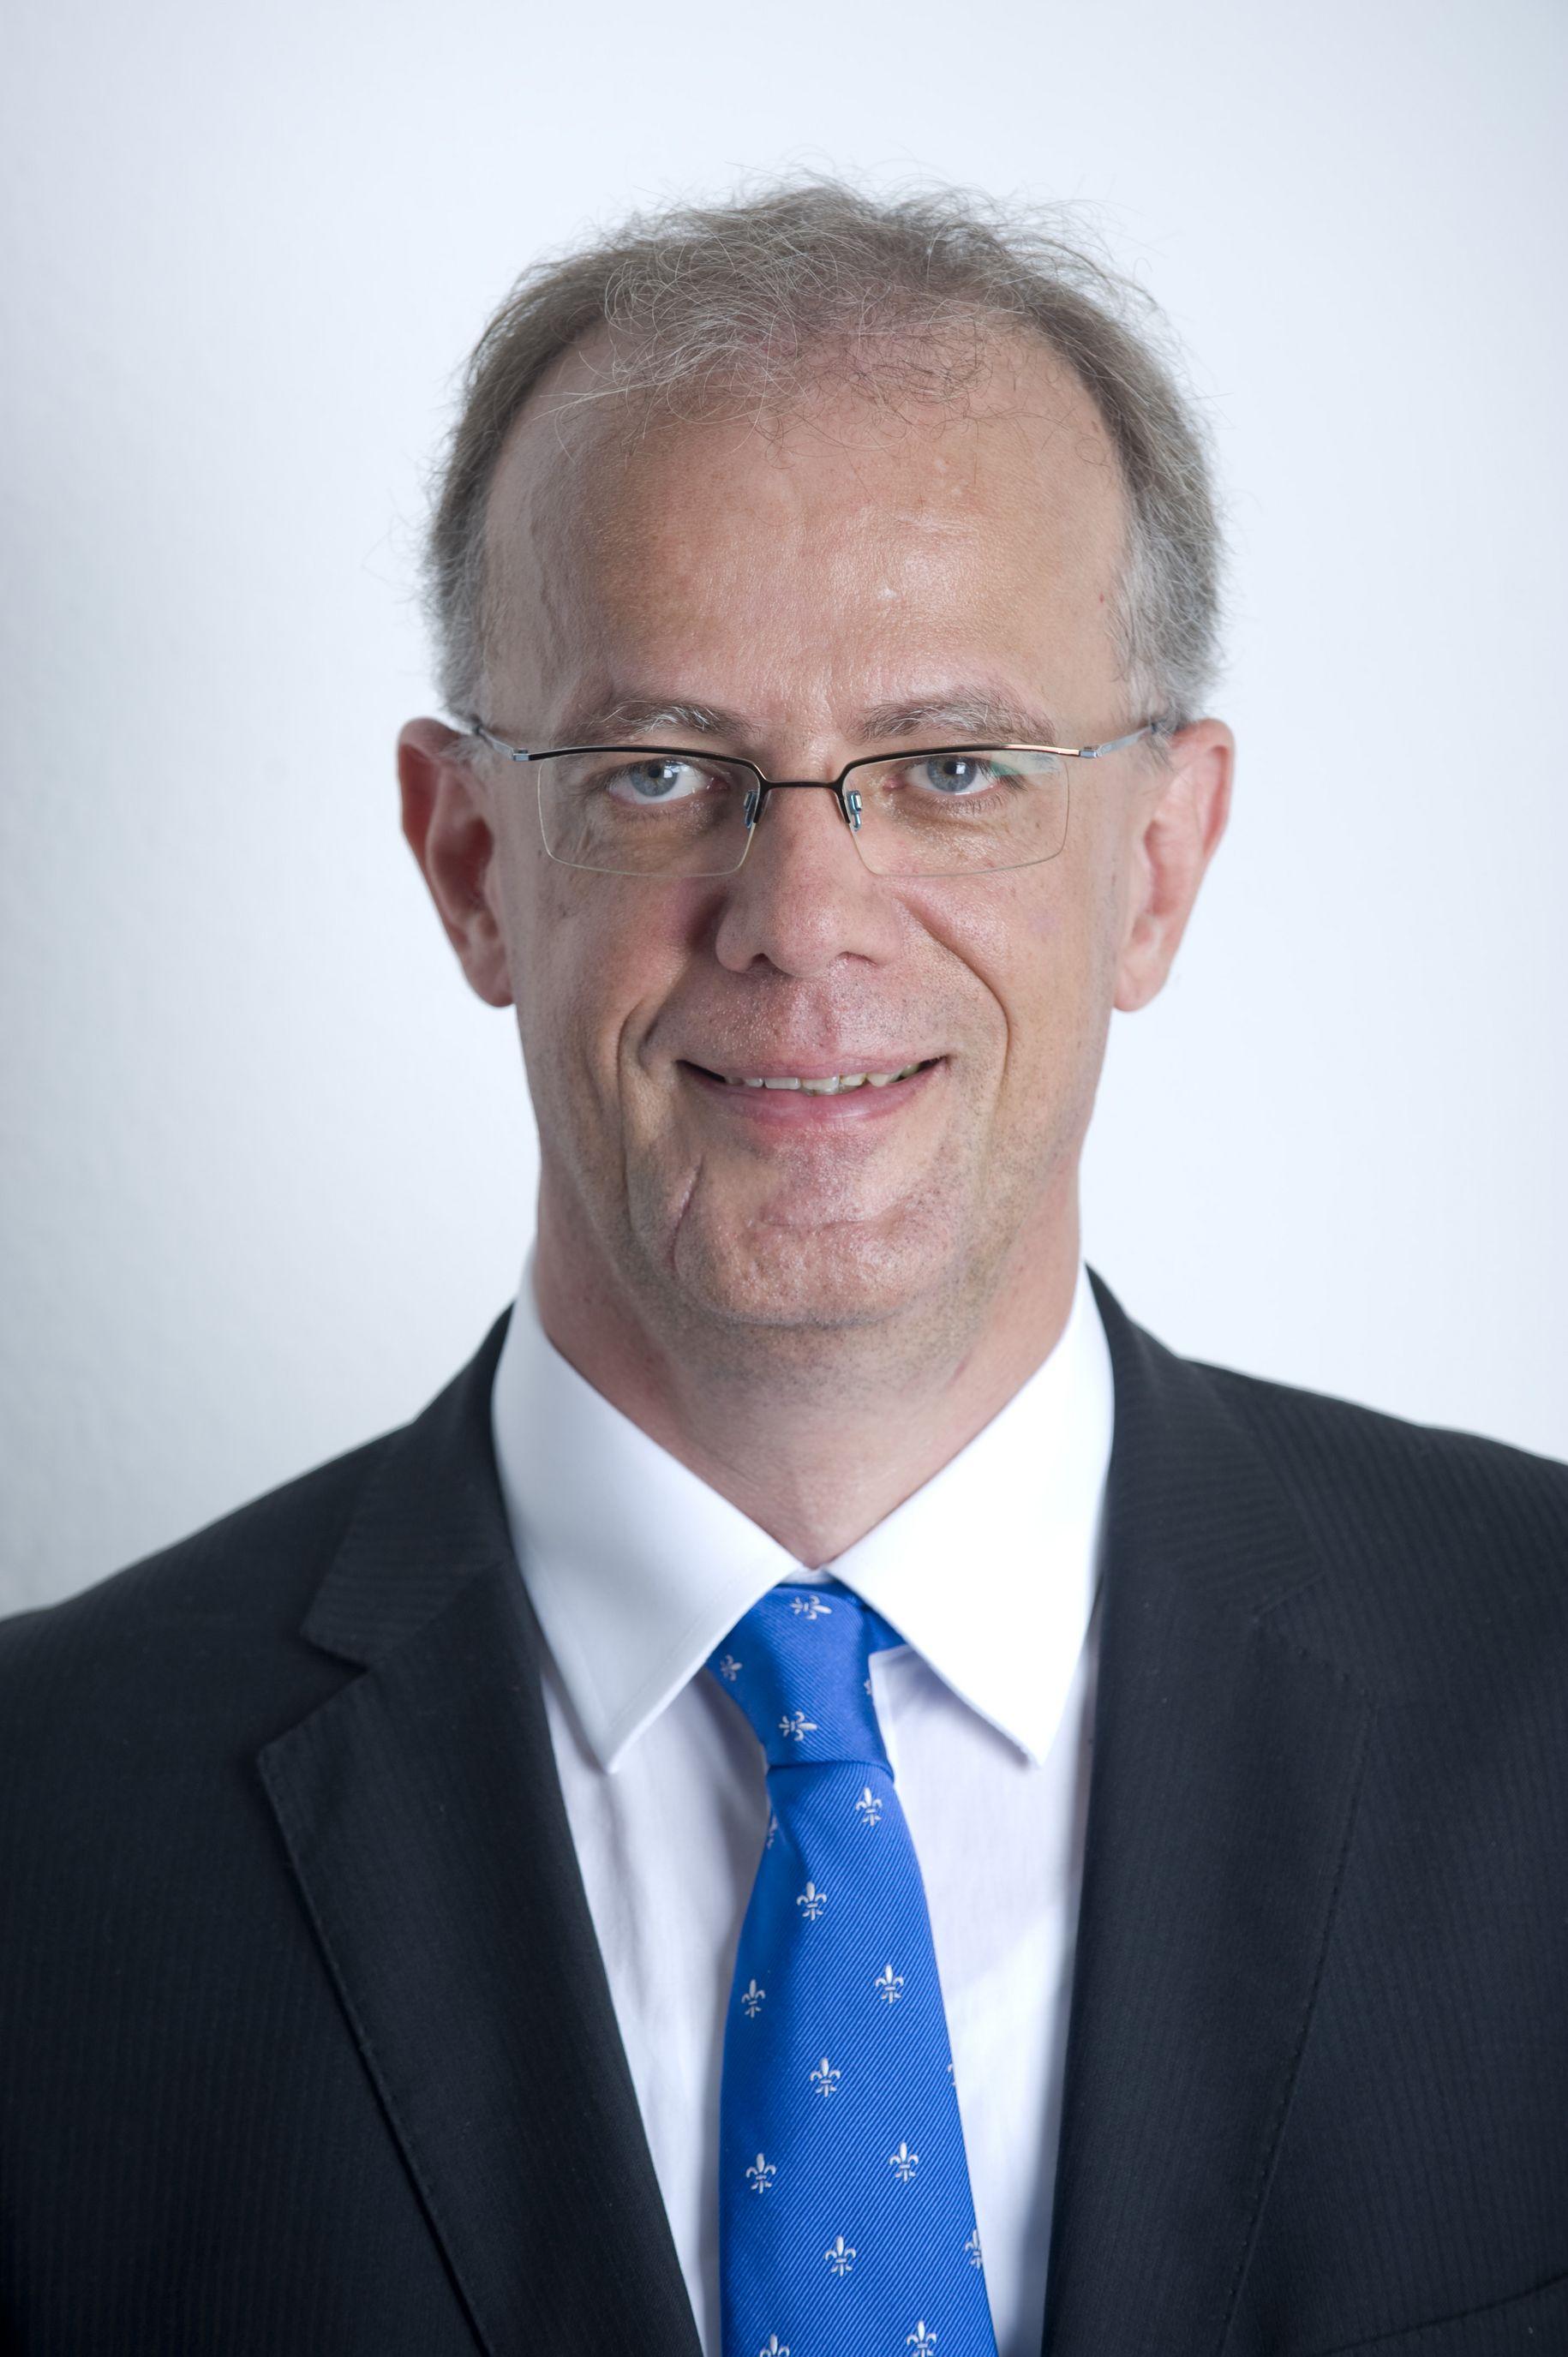 Klaus Hoogestraat, Geschäftsführender Gesellschafter, ITM Gesellschaft für IT-Management mbH, Dresden